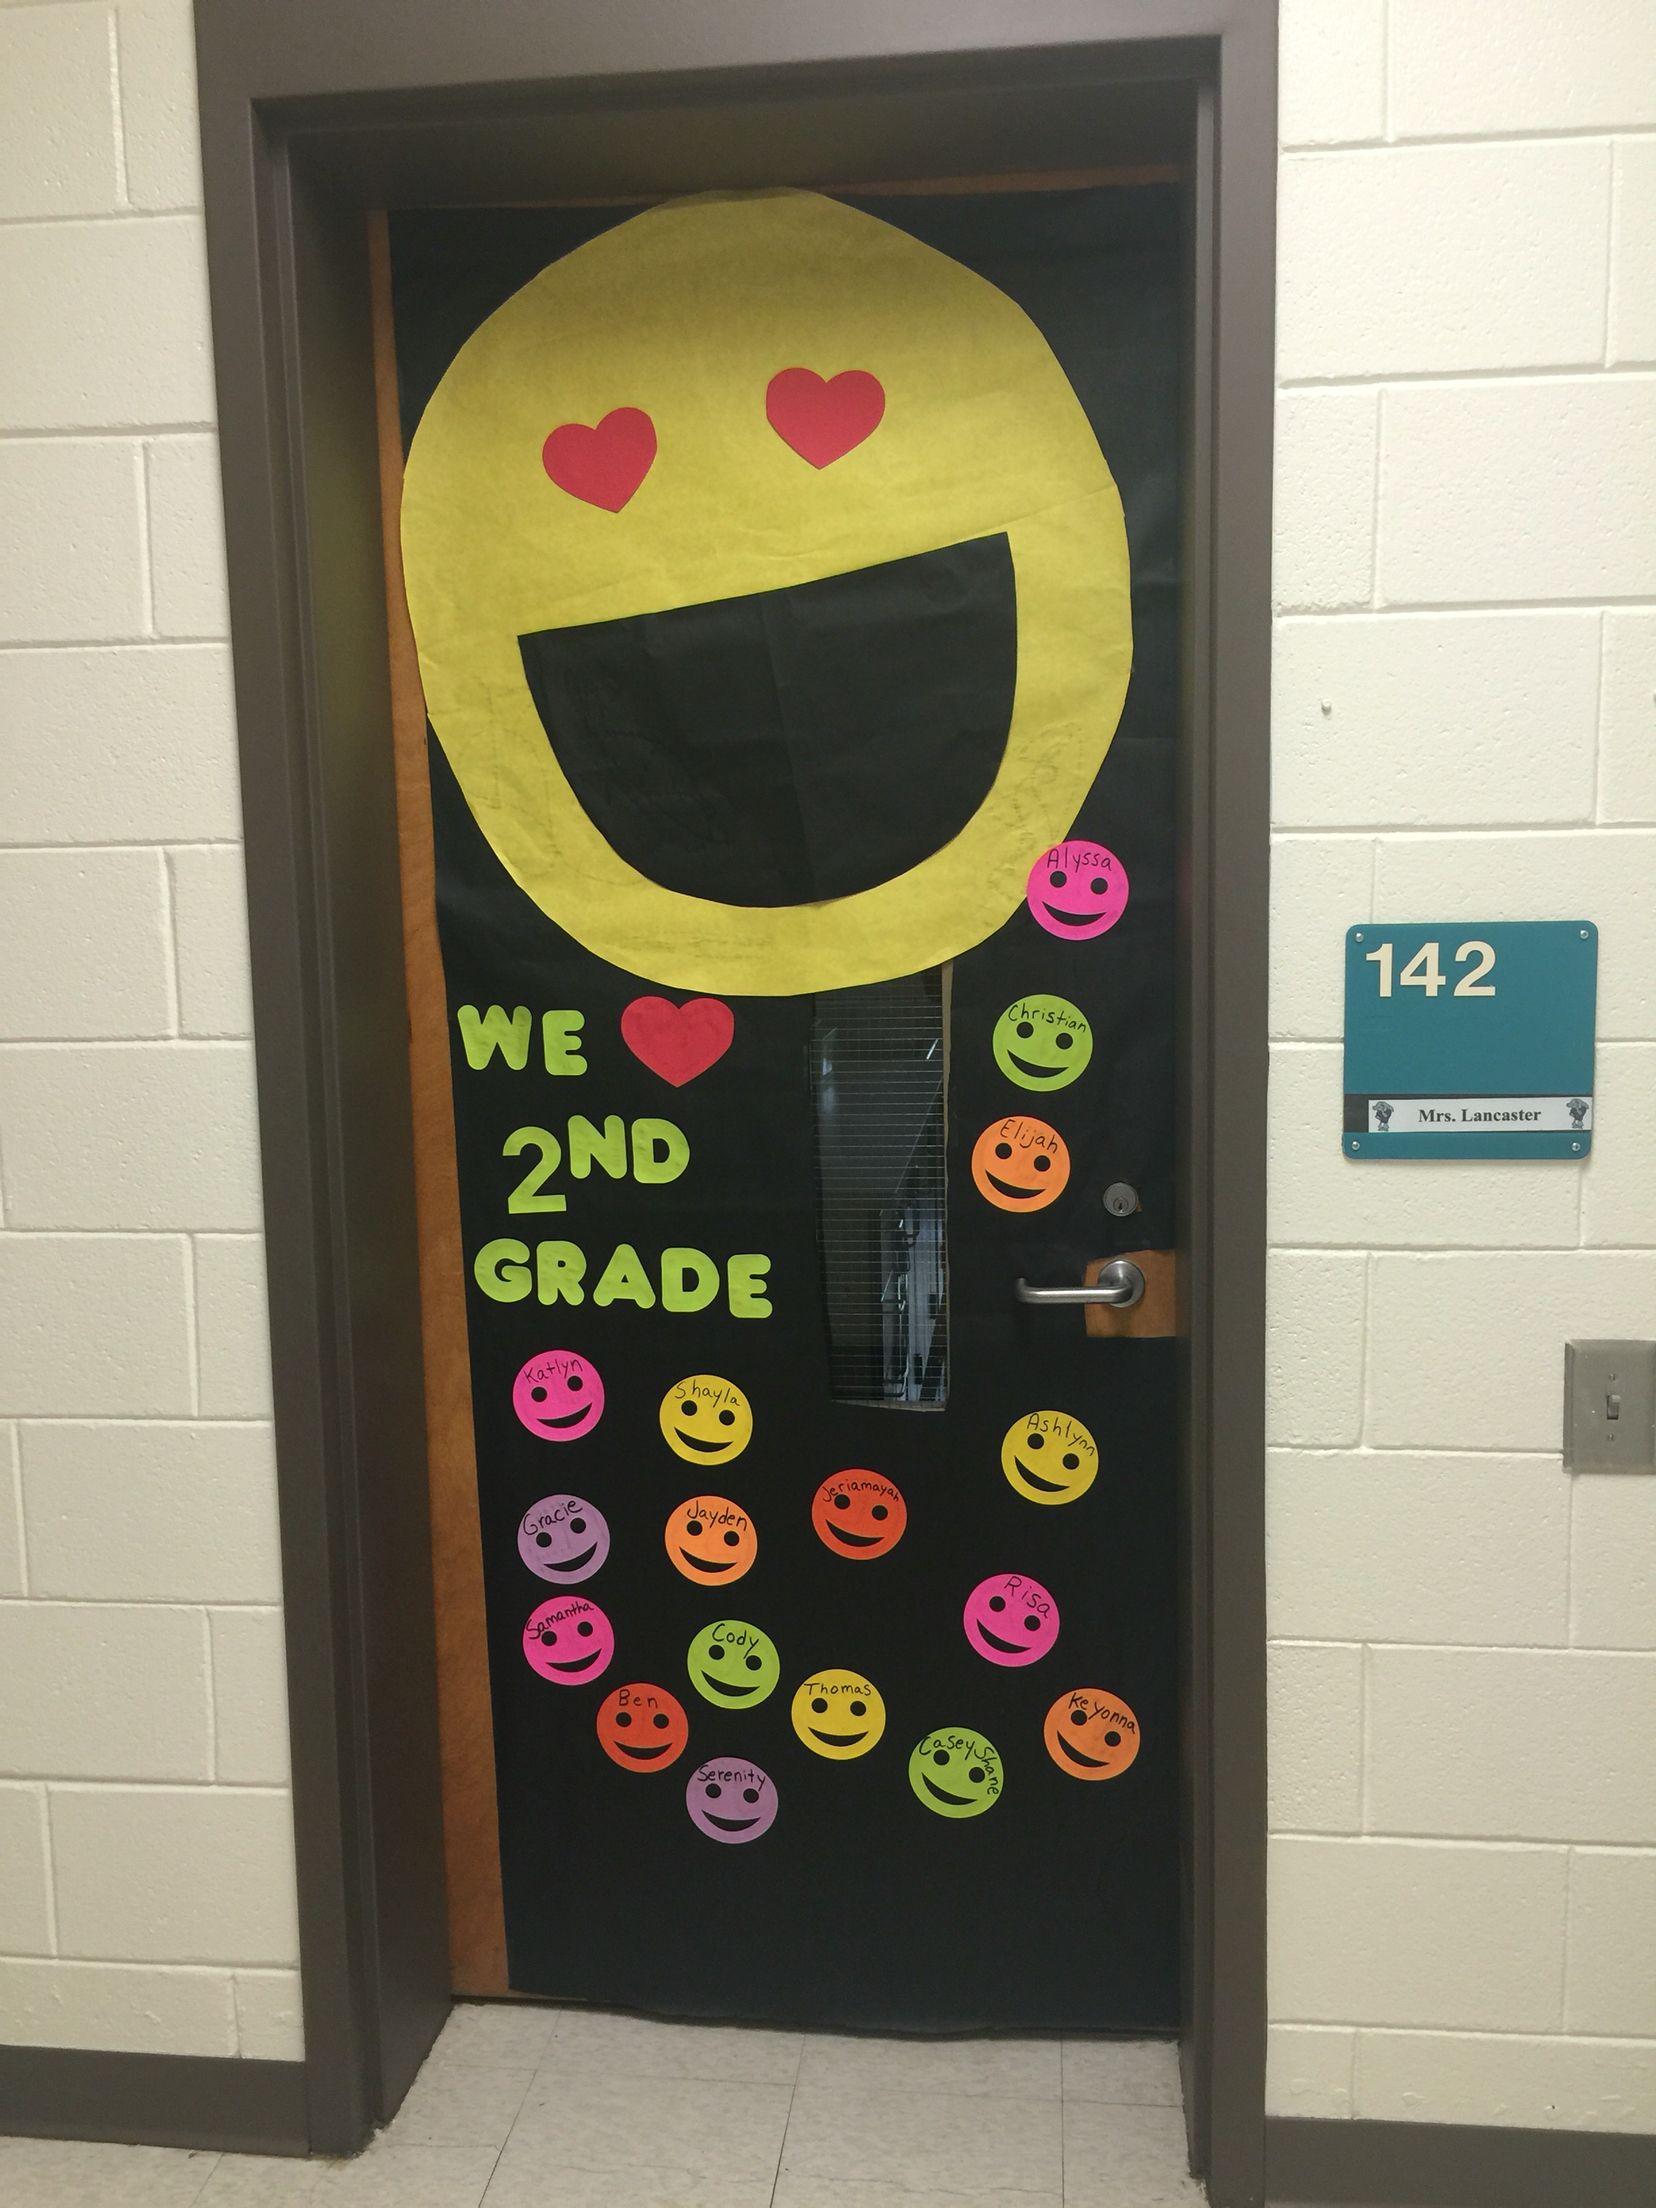 EMOJI CLIP ART *50* Emotion Faces & Smiley Faces! **5 NEW ... |Grades Faces Emoji Answer